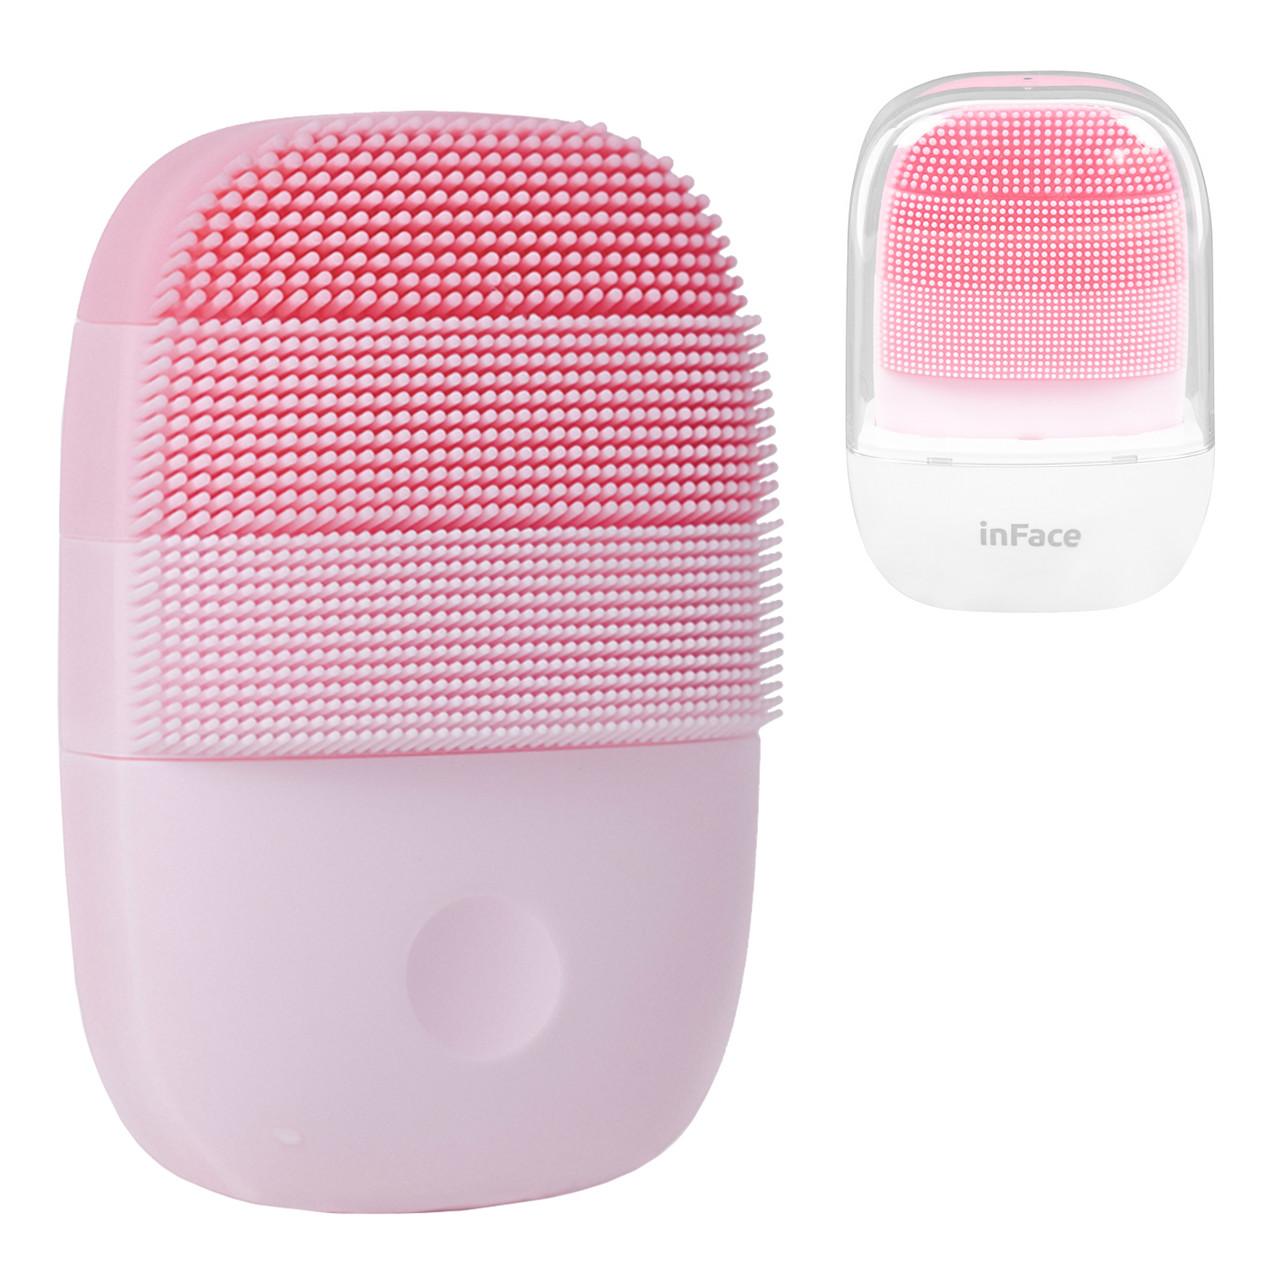 Массажер очиститель для лица Xiaomi Mijia Inface Sonic Beauty Facial Instrument MS2000, Pink